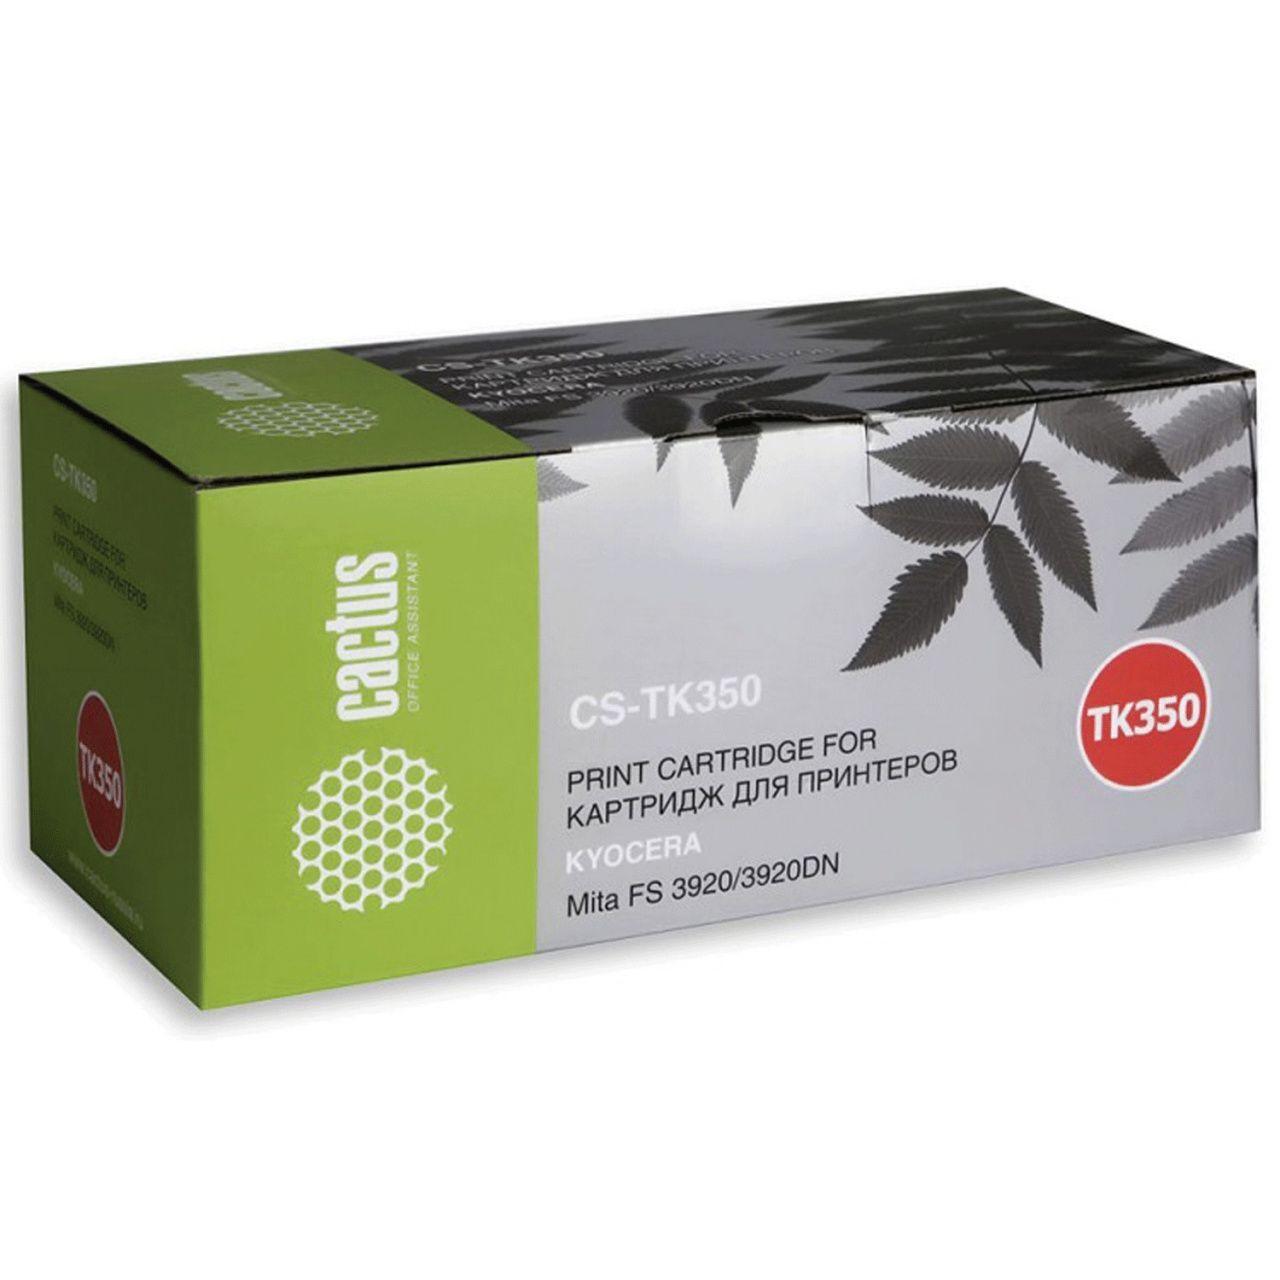 Тонер-картридж Cactus (CS-TK350), черный, для лазерного принтера, совместимый